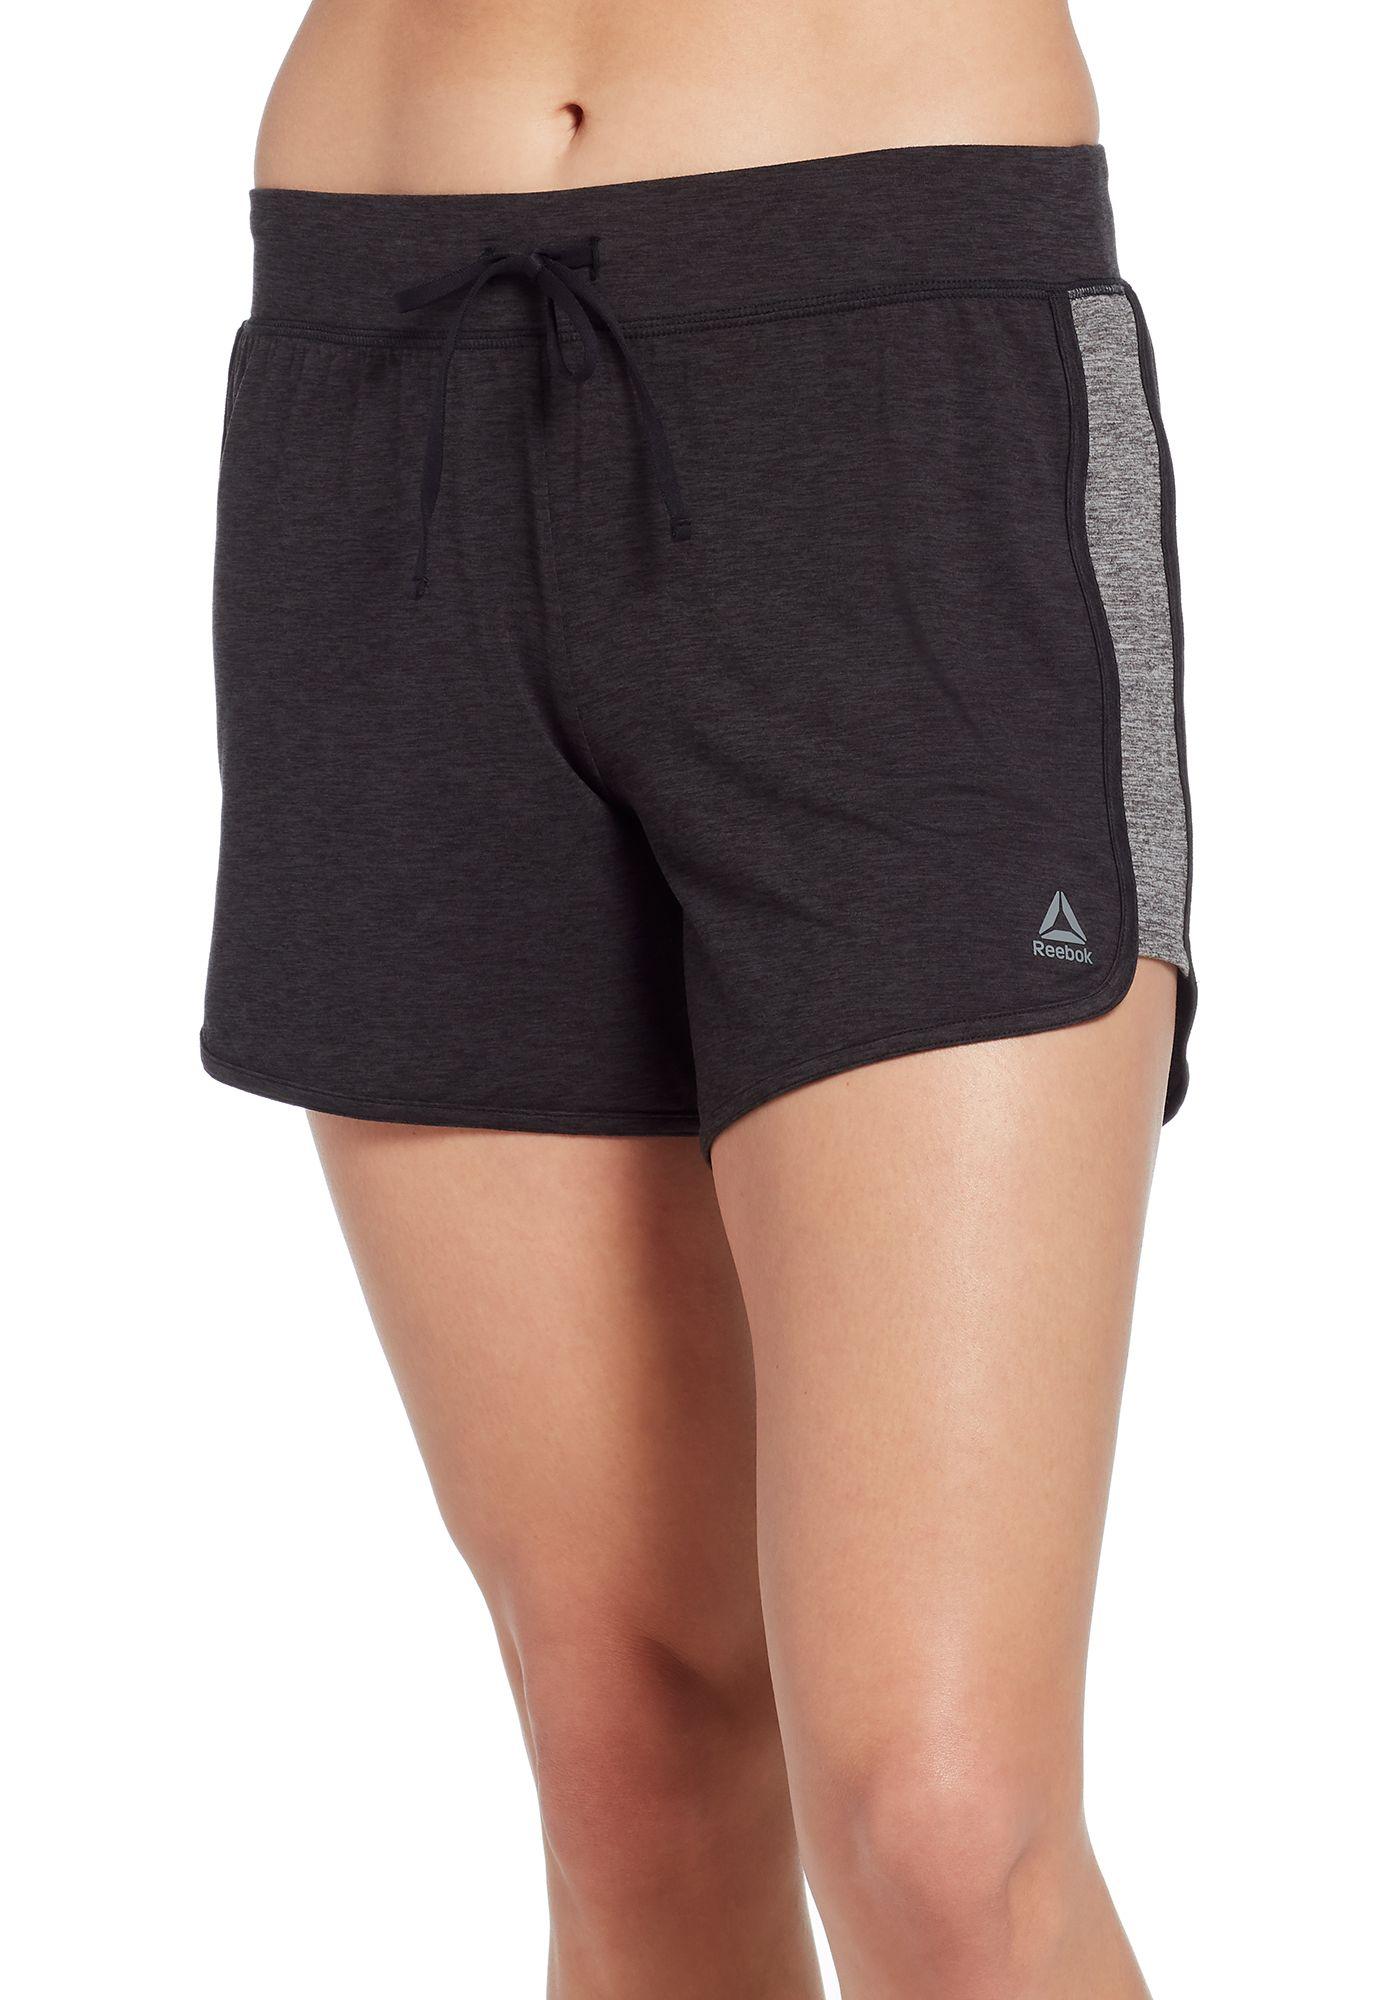 Reebok Women's 24/7 Jersey Shorts